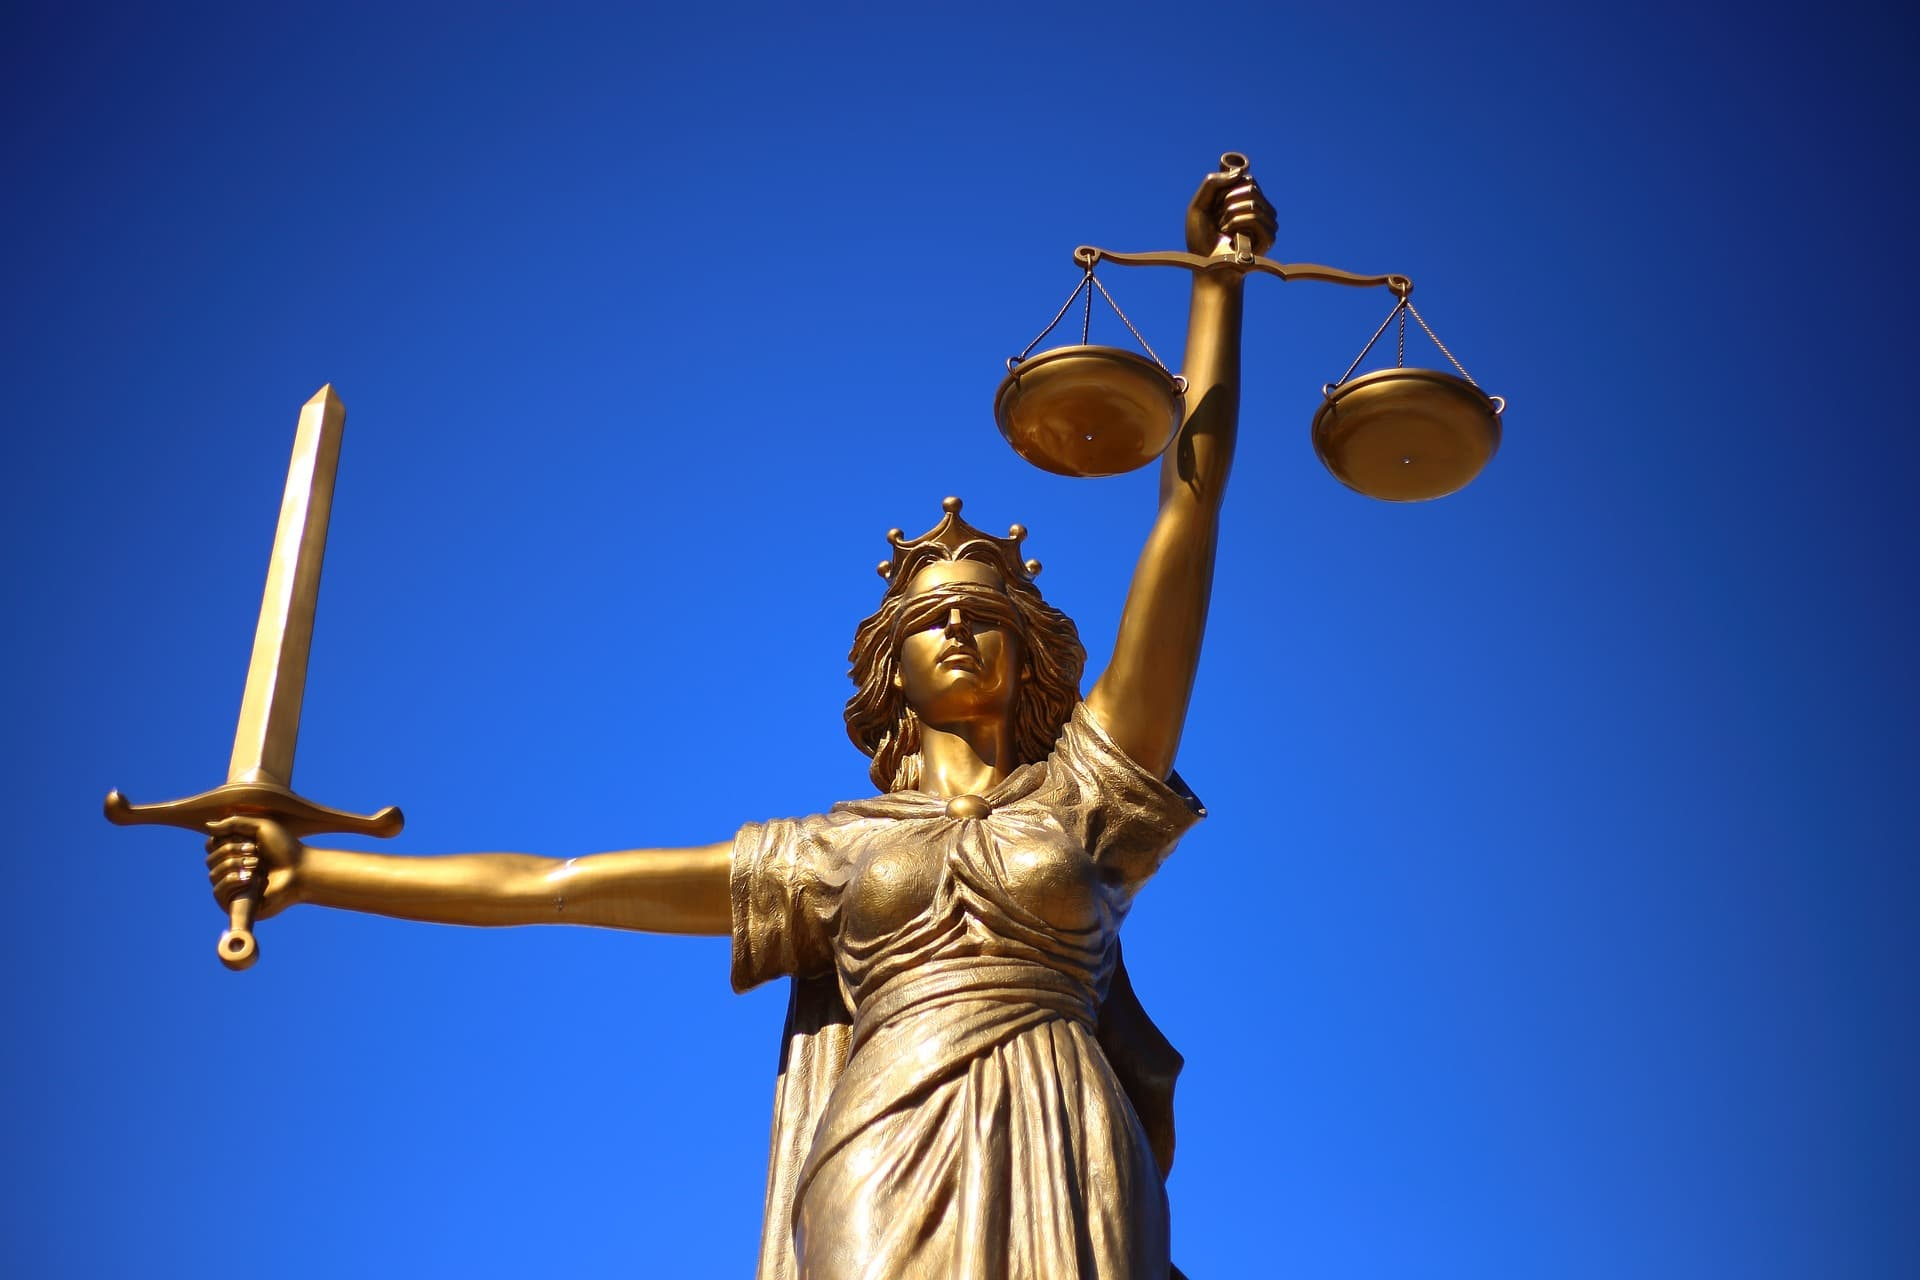 Assicurazione obbligatoria degli avvocati: guida per gli addetti ai lavori (avvocati e non)